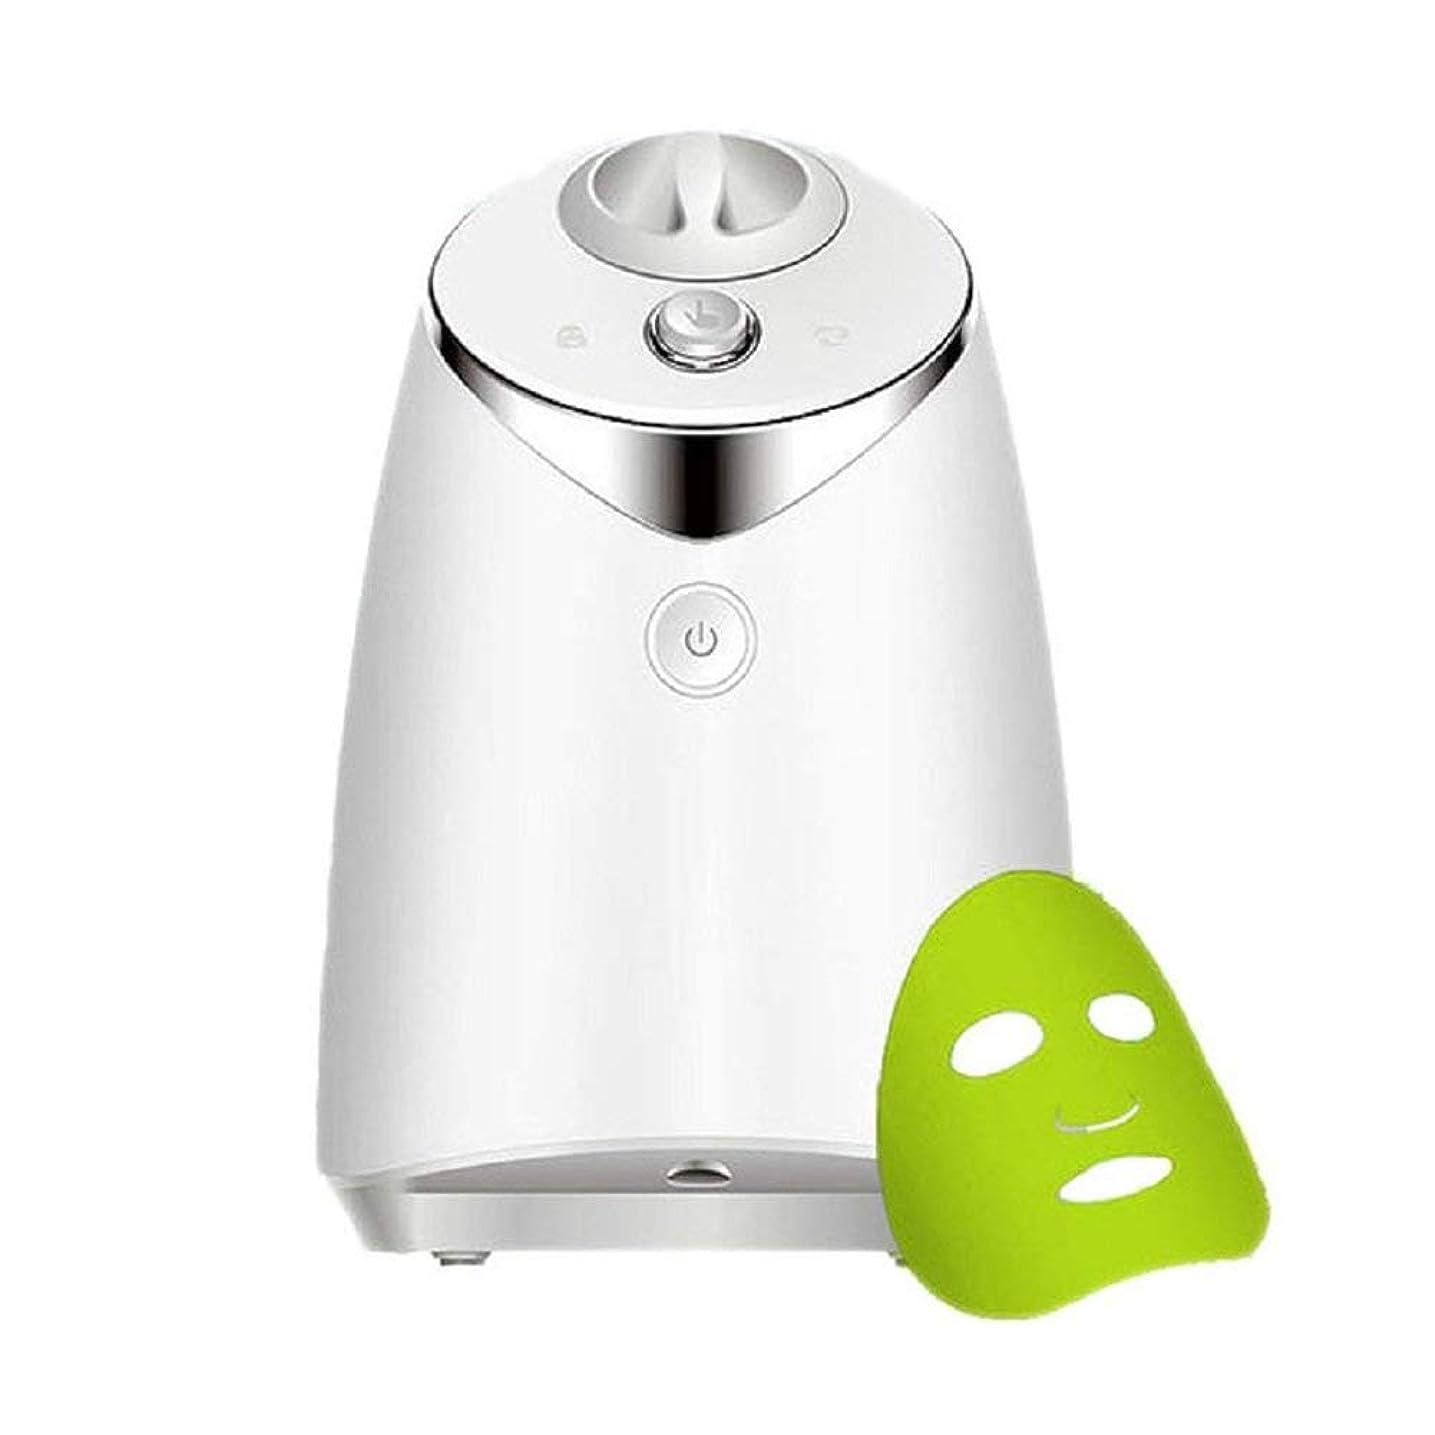 ピンポイント妊娠した有用フルーツと野菜マスク製造機、フェイススチーマー100%ナチュラル自家製自動美容器/インテリジェントな音声プロンプトワンボタンクリーニング